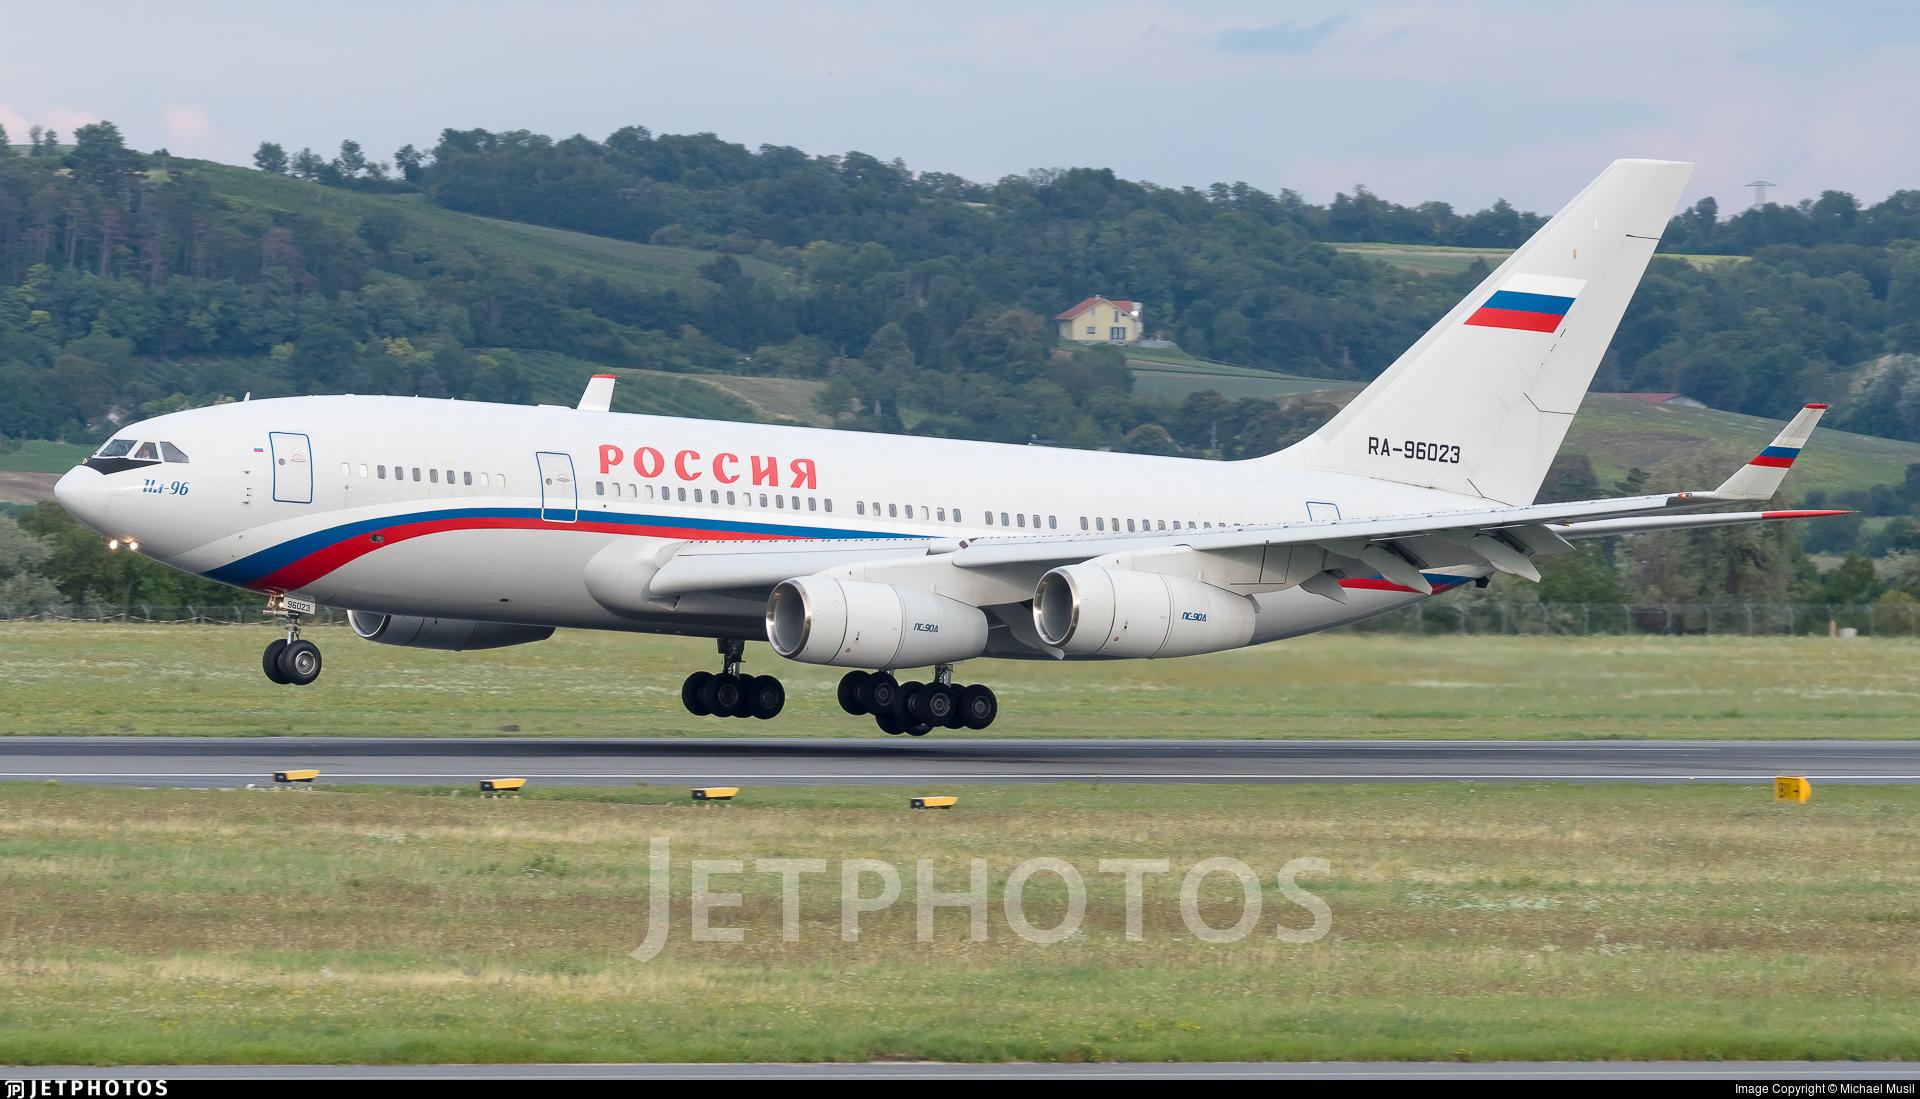 RA-96023 - Ilyushin IL-96-300 - Rossiya - Special Flight Squadron